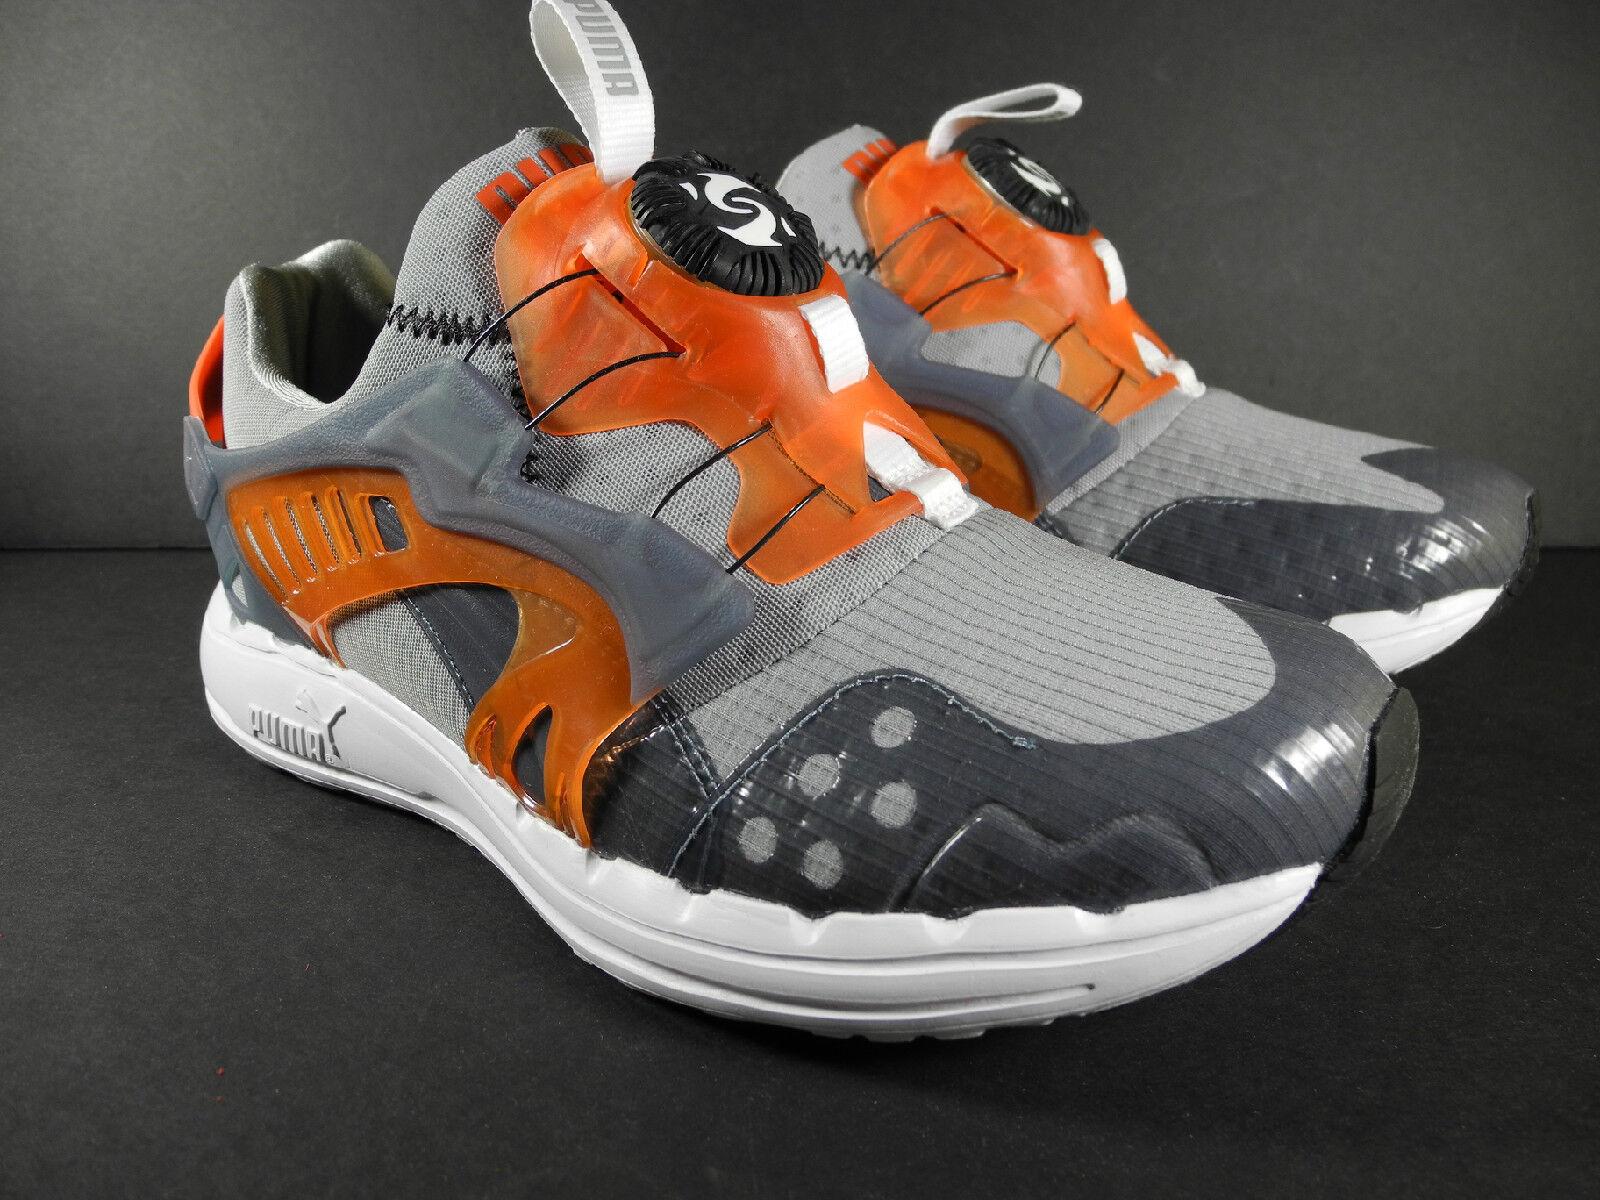 NEW Puma DISC BLAZE LITE TECH Men's shoes Size US 8.5